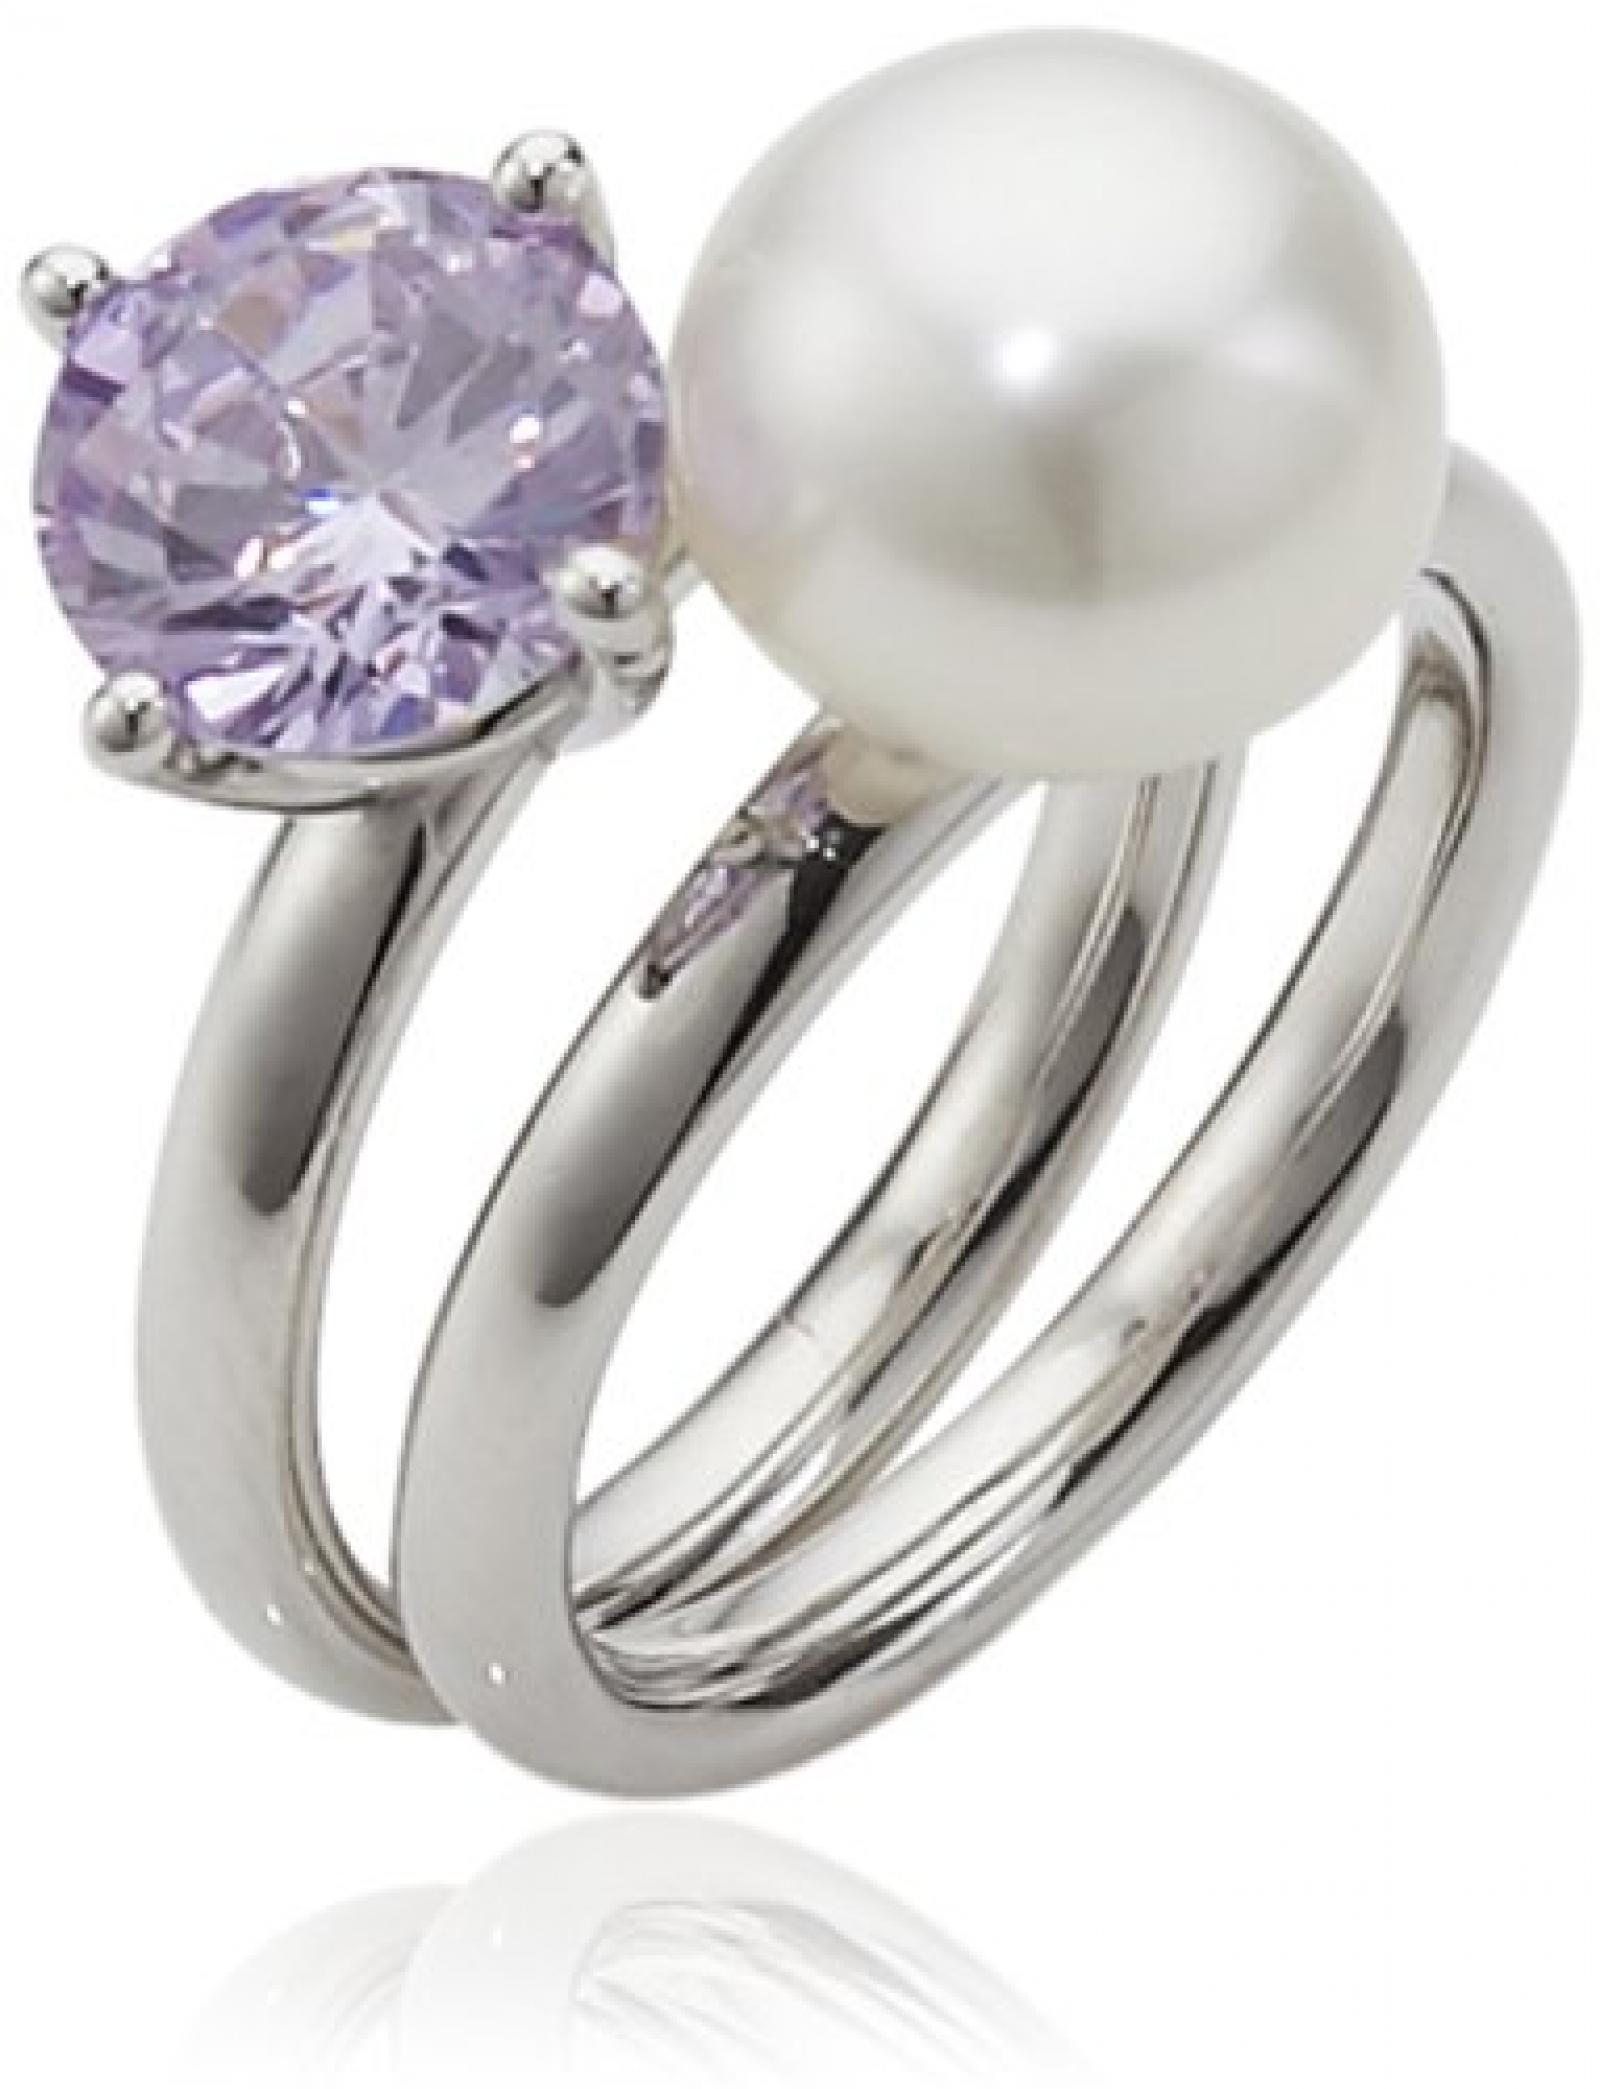 Adriana Damen-Ring Süßwasser Zuchtperlen purple rain 925 Sterling-Silber Rainbow RAR-V-Gr.58